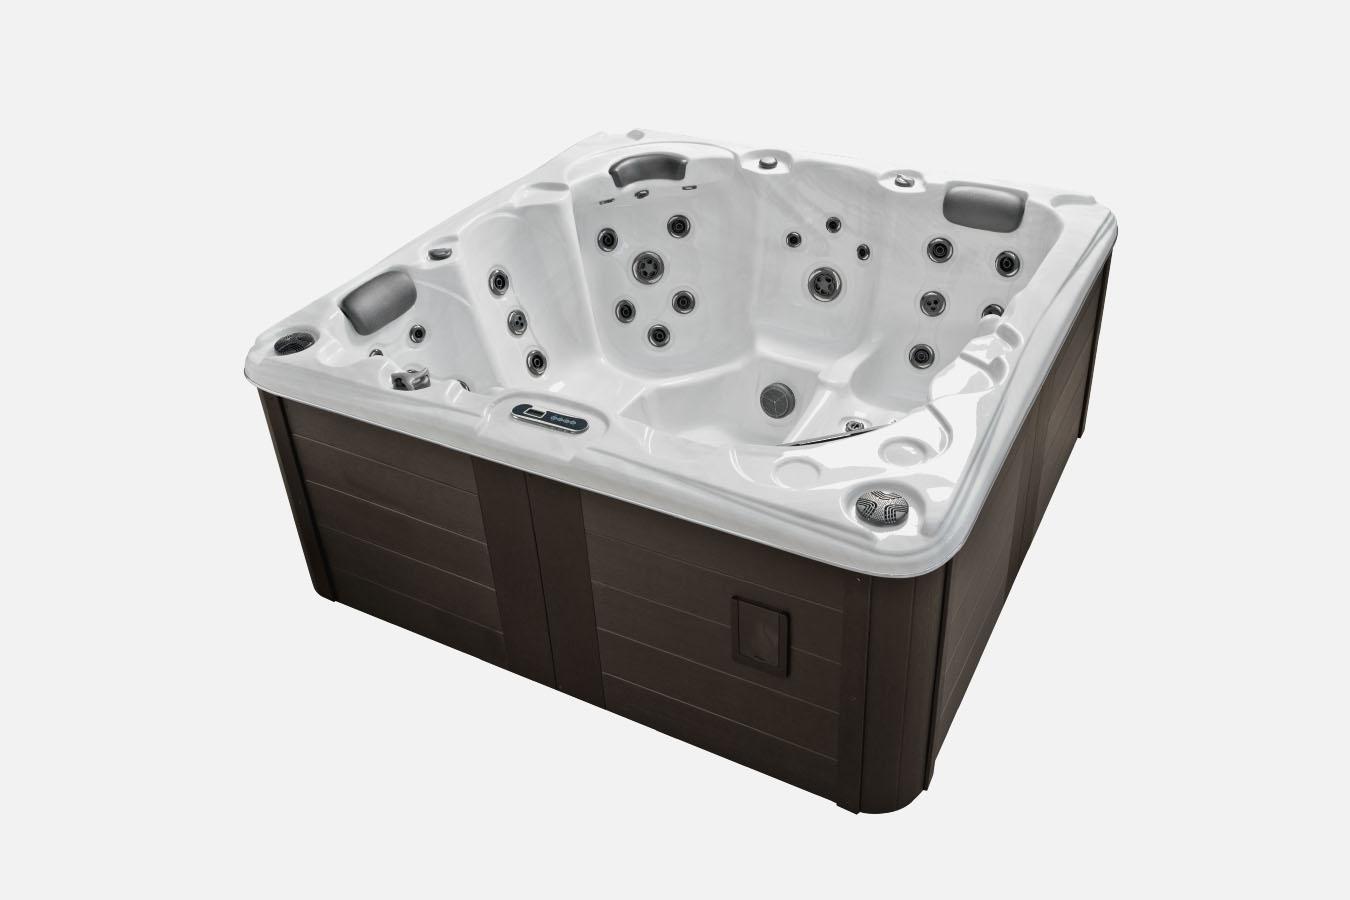 Vasche Da Bagno Treesse Listino Prezzi : Vasca da bagno con imp to termale treesse bis mts casaomnia